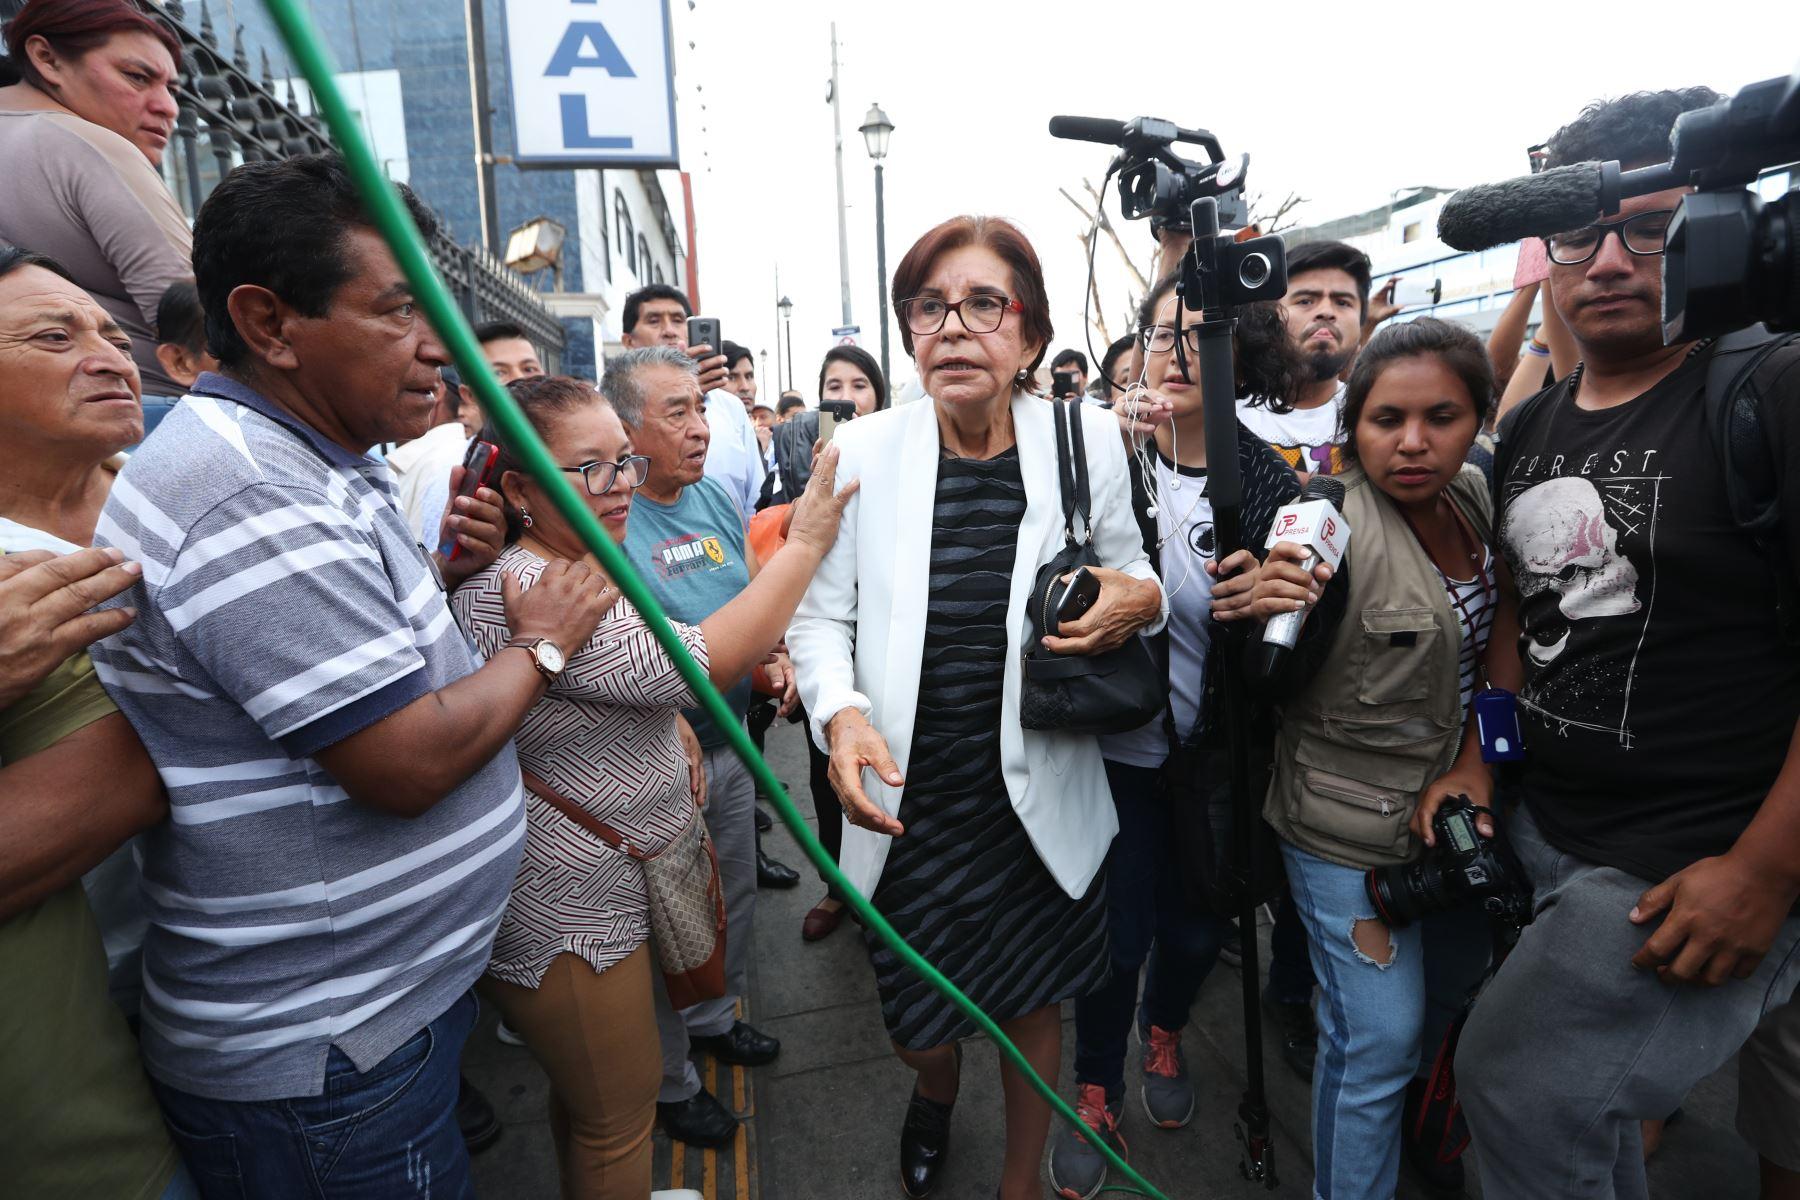 Mercedes Cabanillas llega a la casa del pueblo para recibir el cuerpo de Alan Garcia. Foto: ANDINA/Melina Mejía